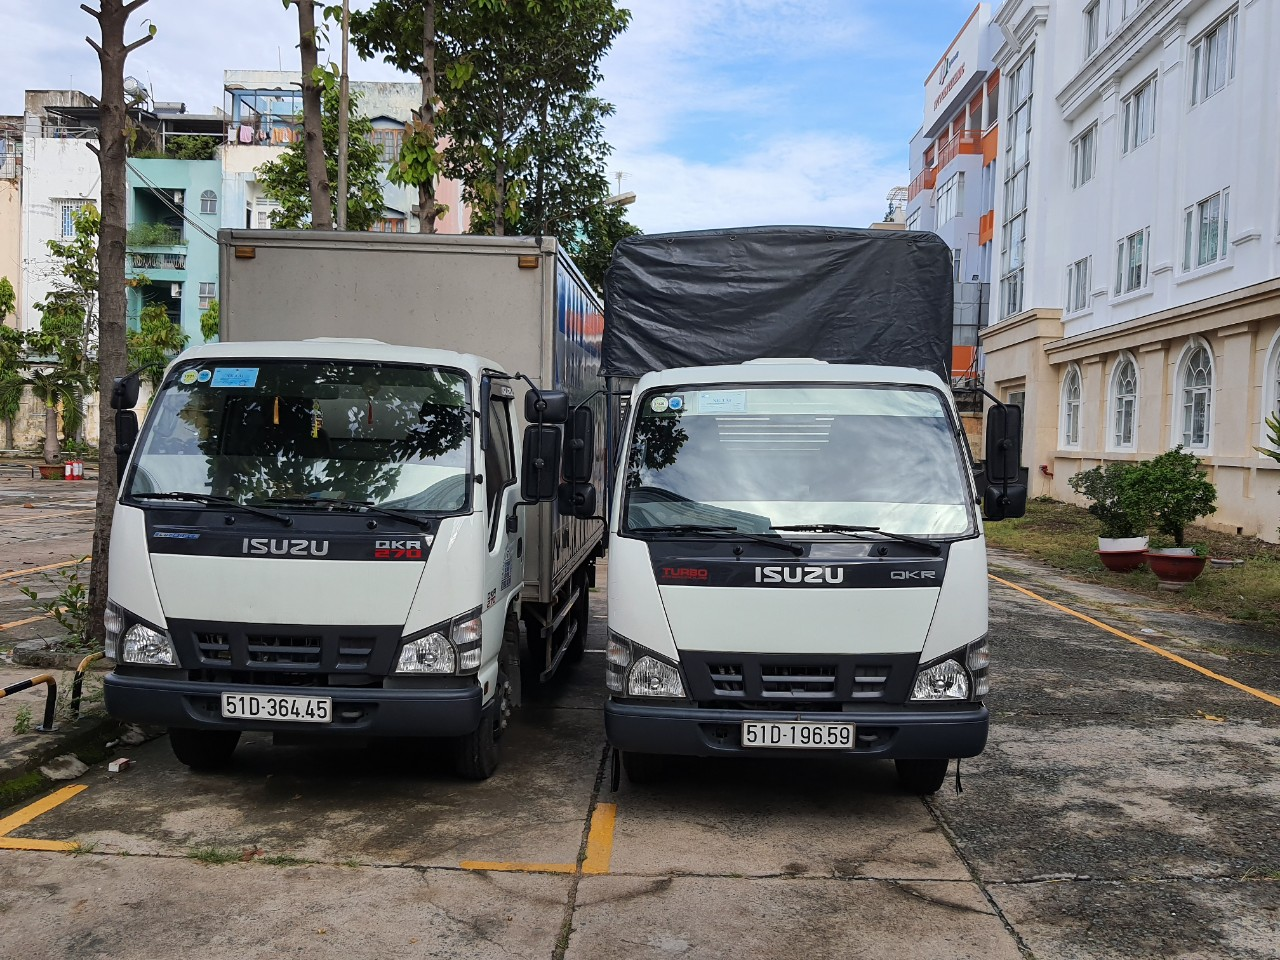 thuê xe tải giá rẻ